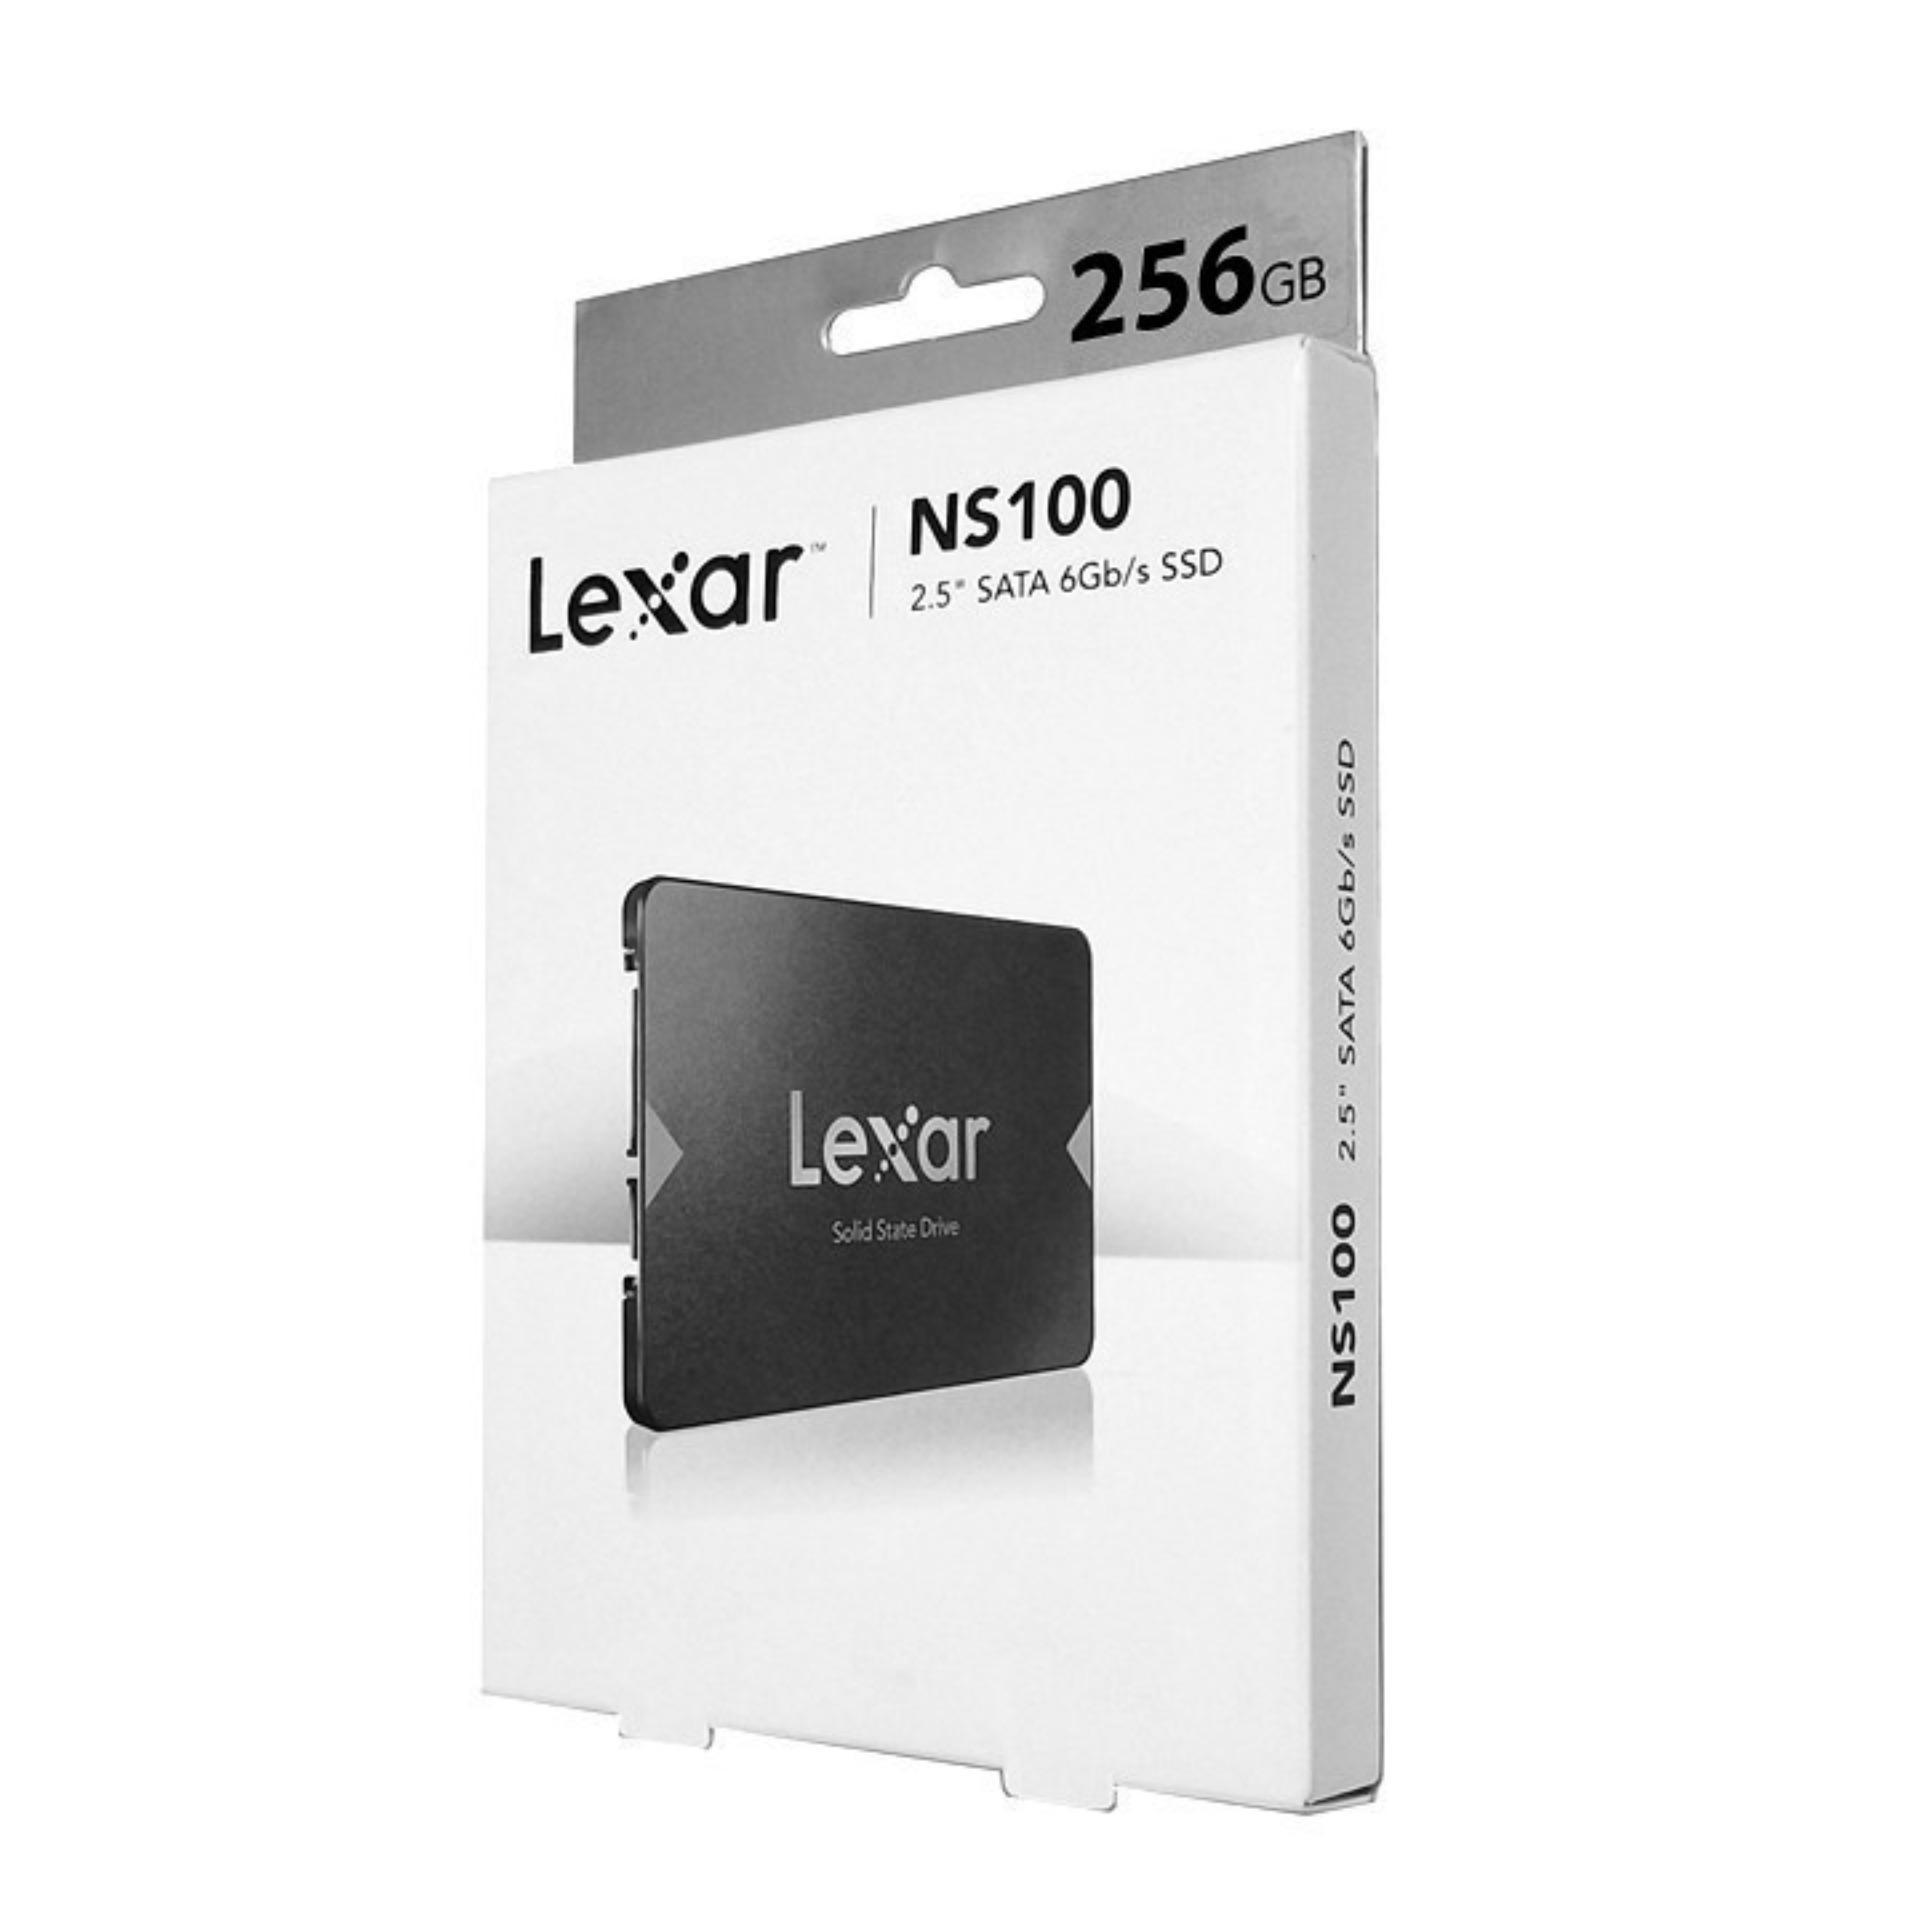 Ổ cứng SSD 2.5 inch SATA Lexar NS100 512GB, 256GB, 128GB - bảo hành 3 năm